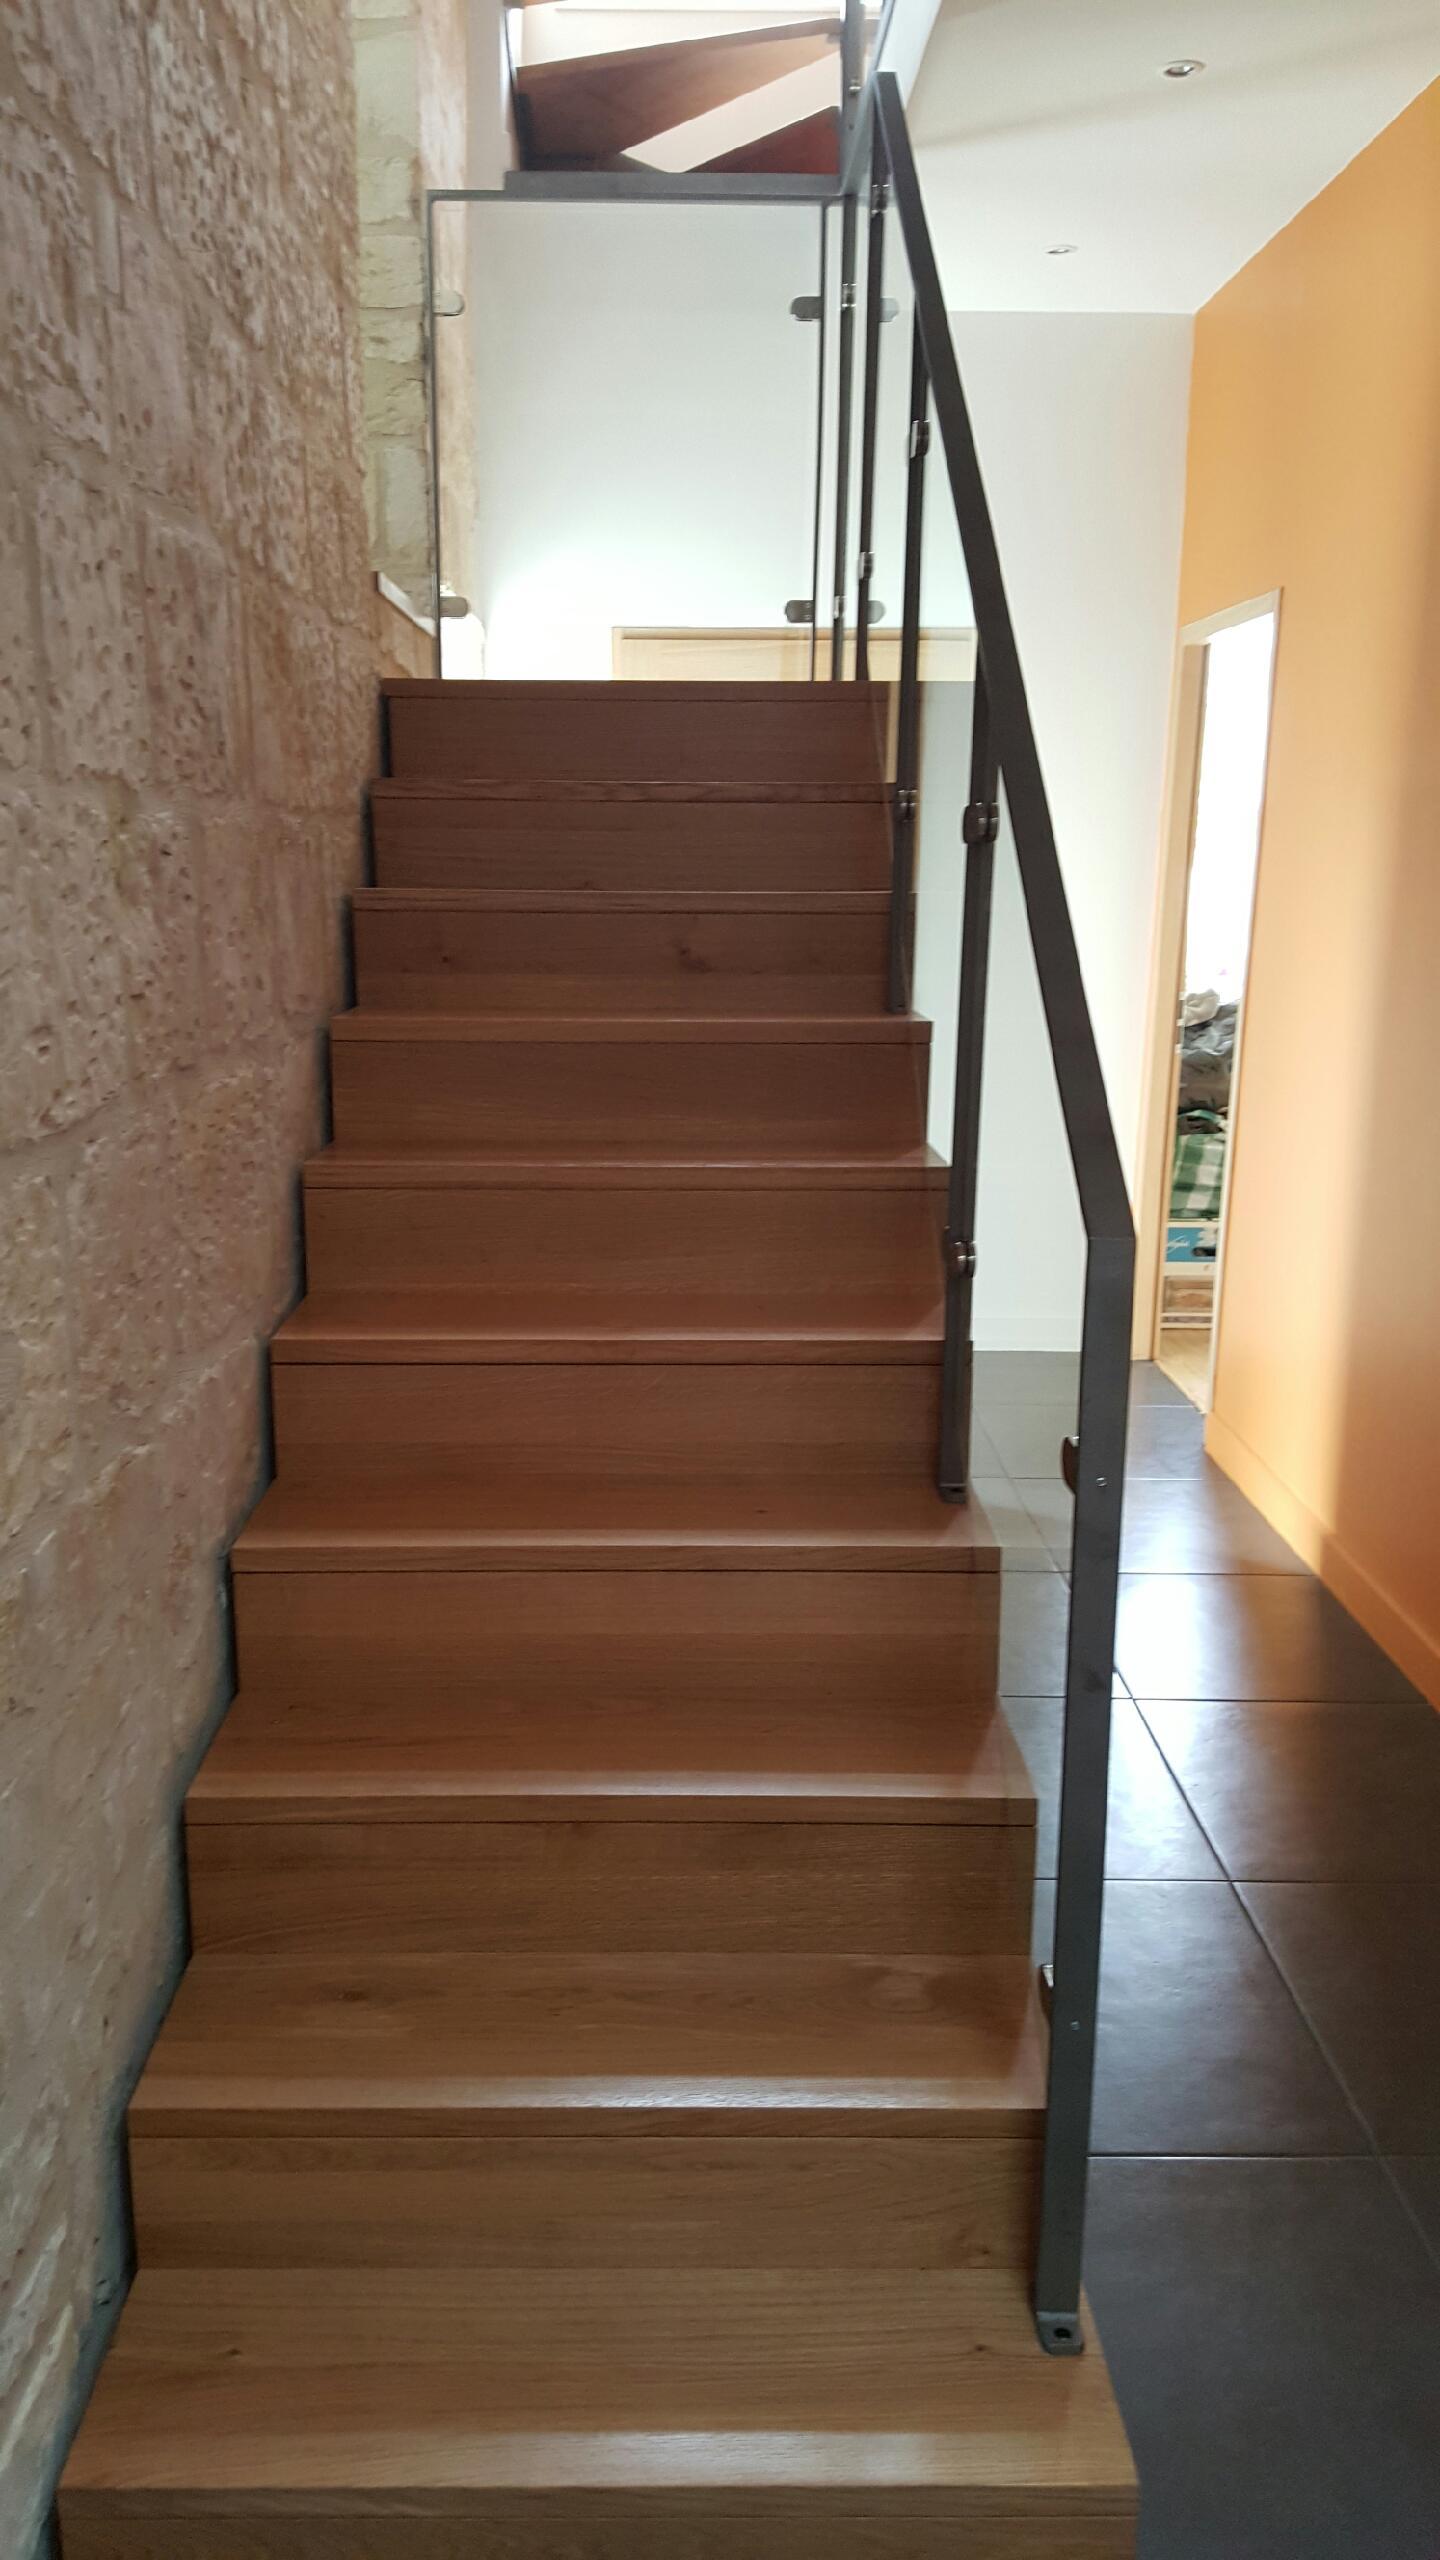 escalier réalisation le parqueteur saint-quentin